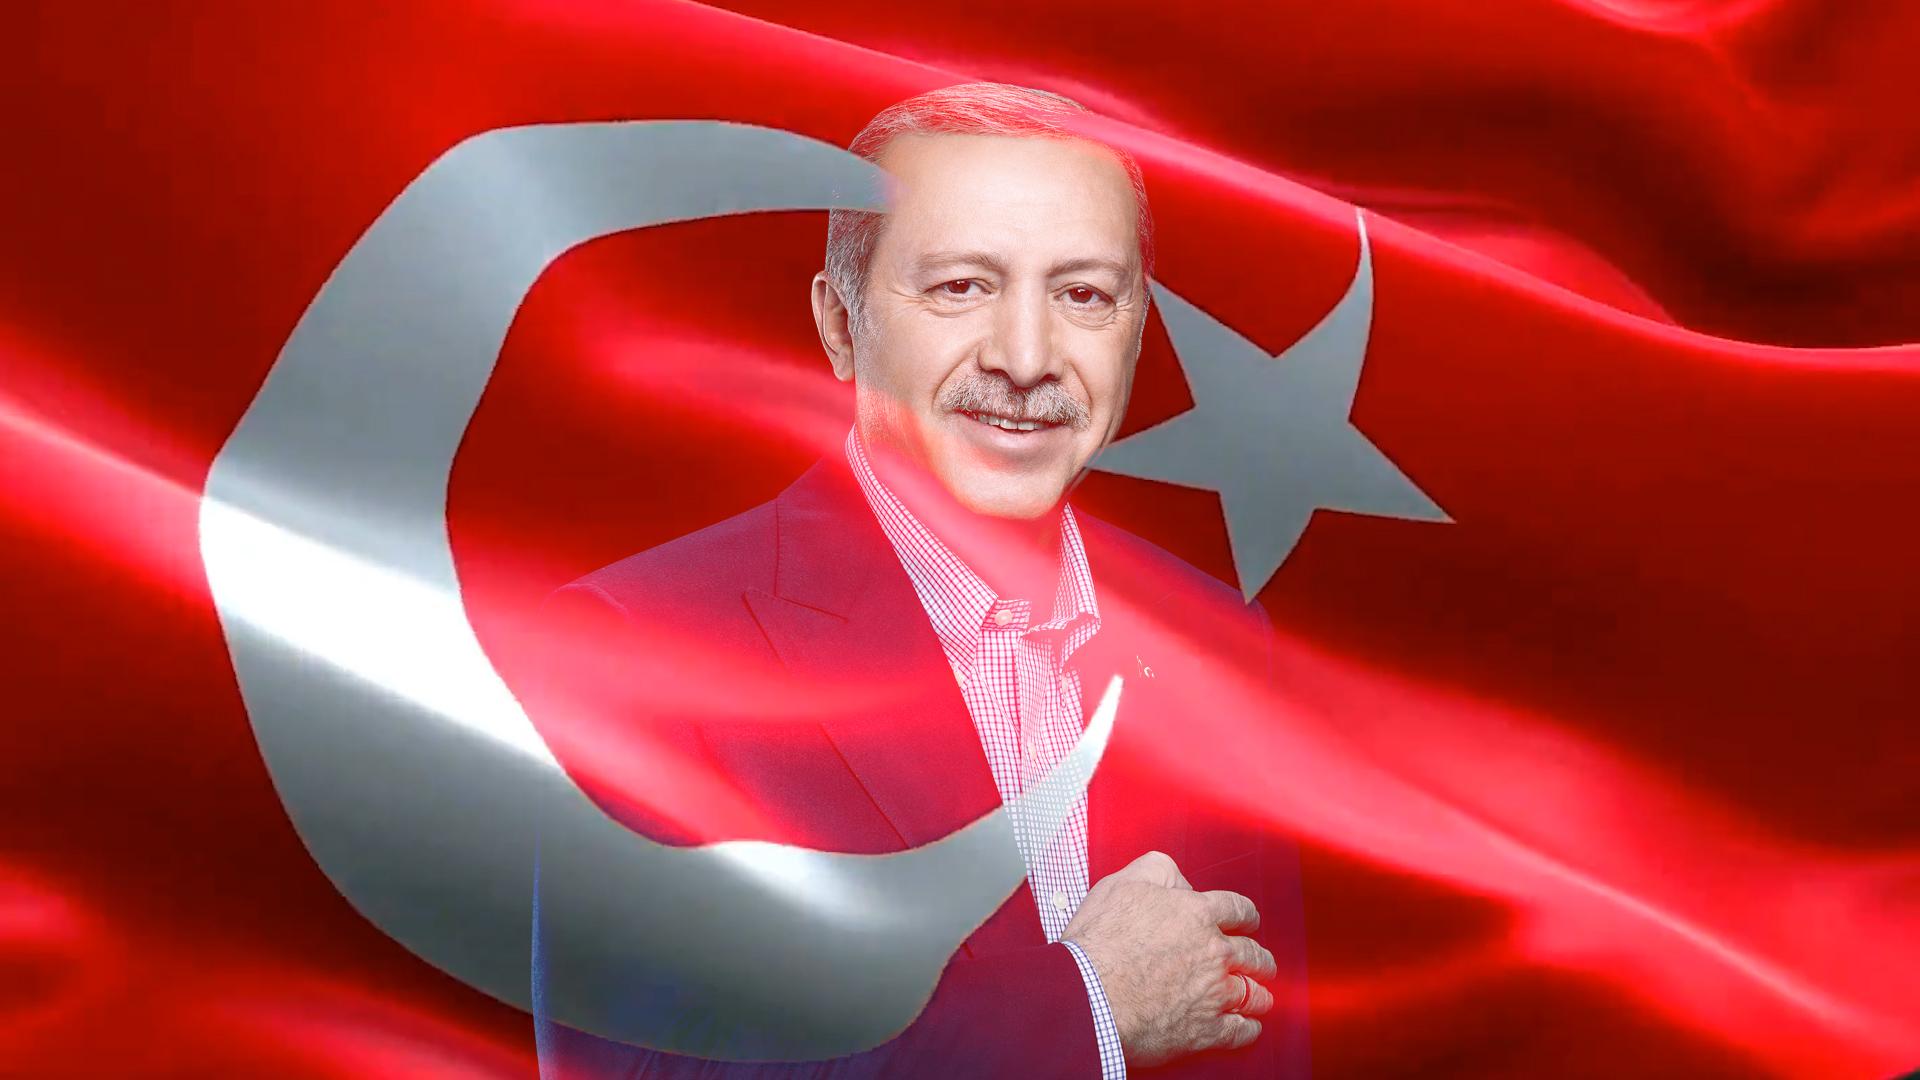 Cumhurbaşkanı Erdoğan için hazırlanan muhteşem klip: Lider